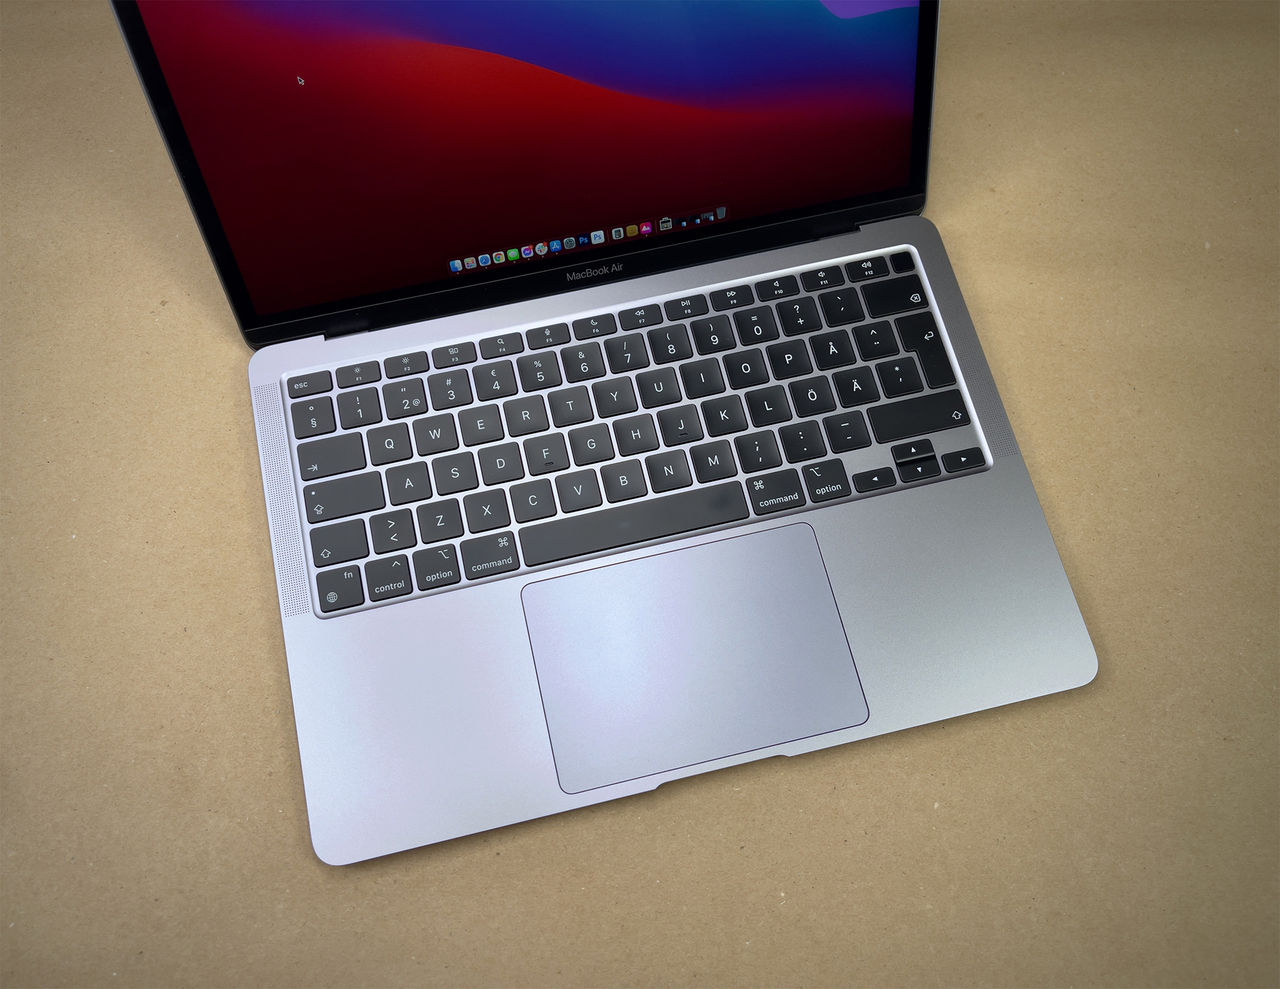 Utvecklare får Windows att rulla på Apples M1-chip